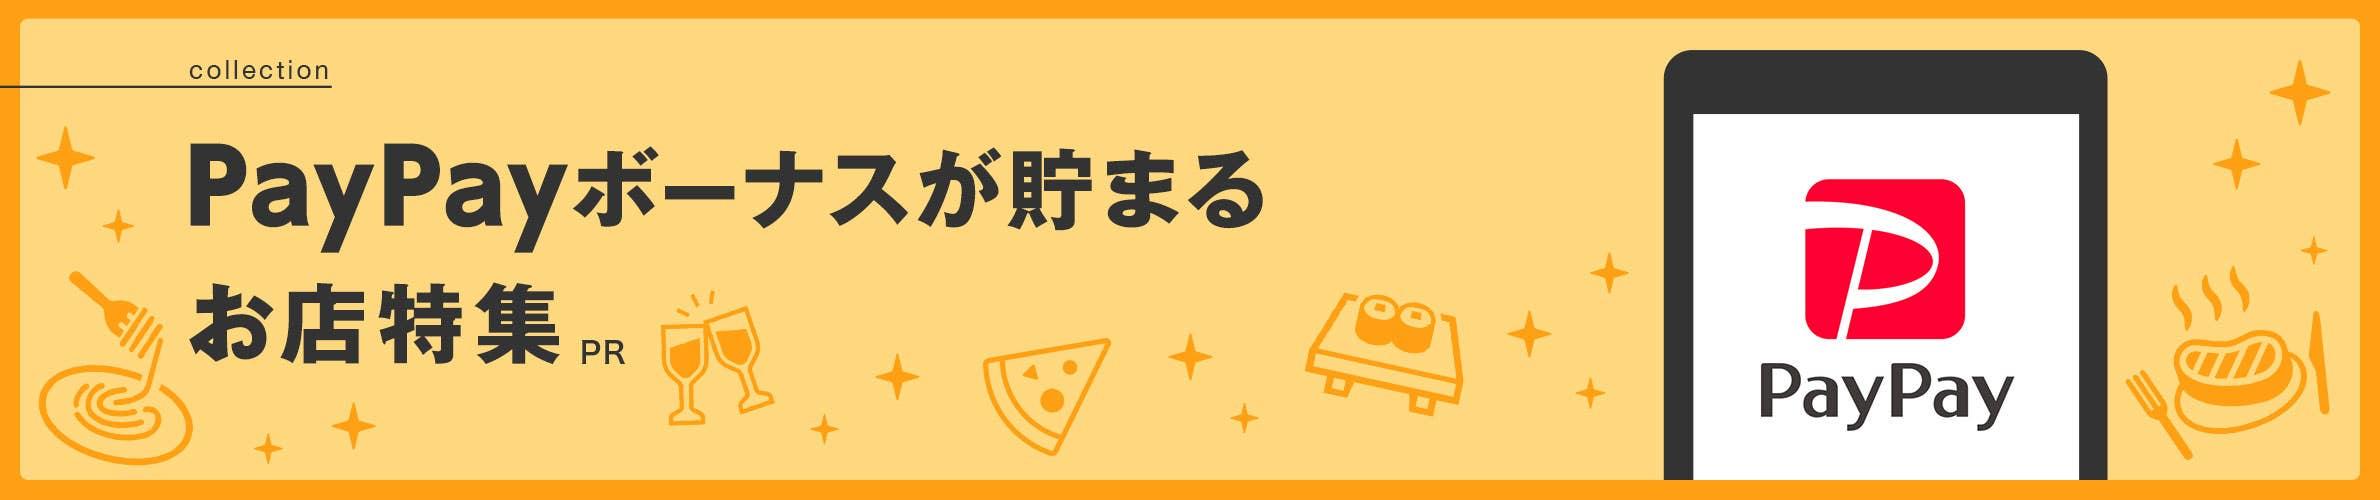 新宿でおすすめPayPay貯まる特集[PR]